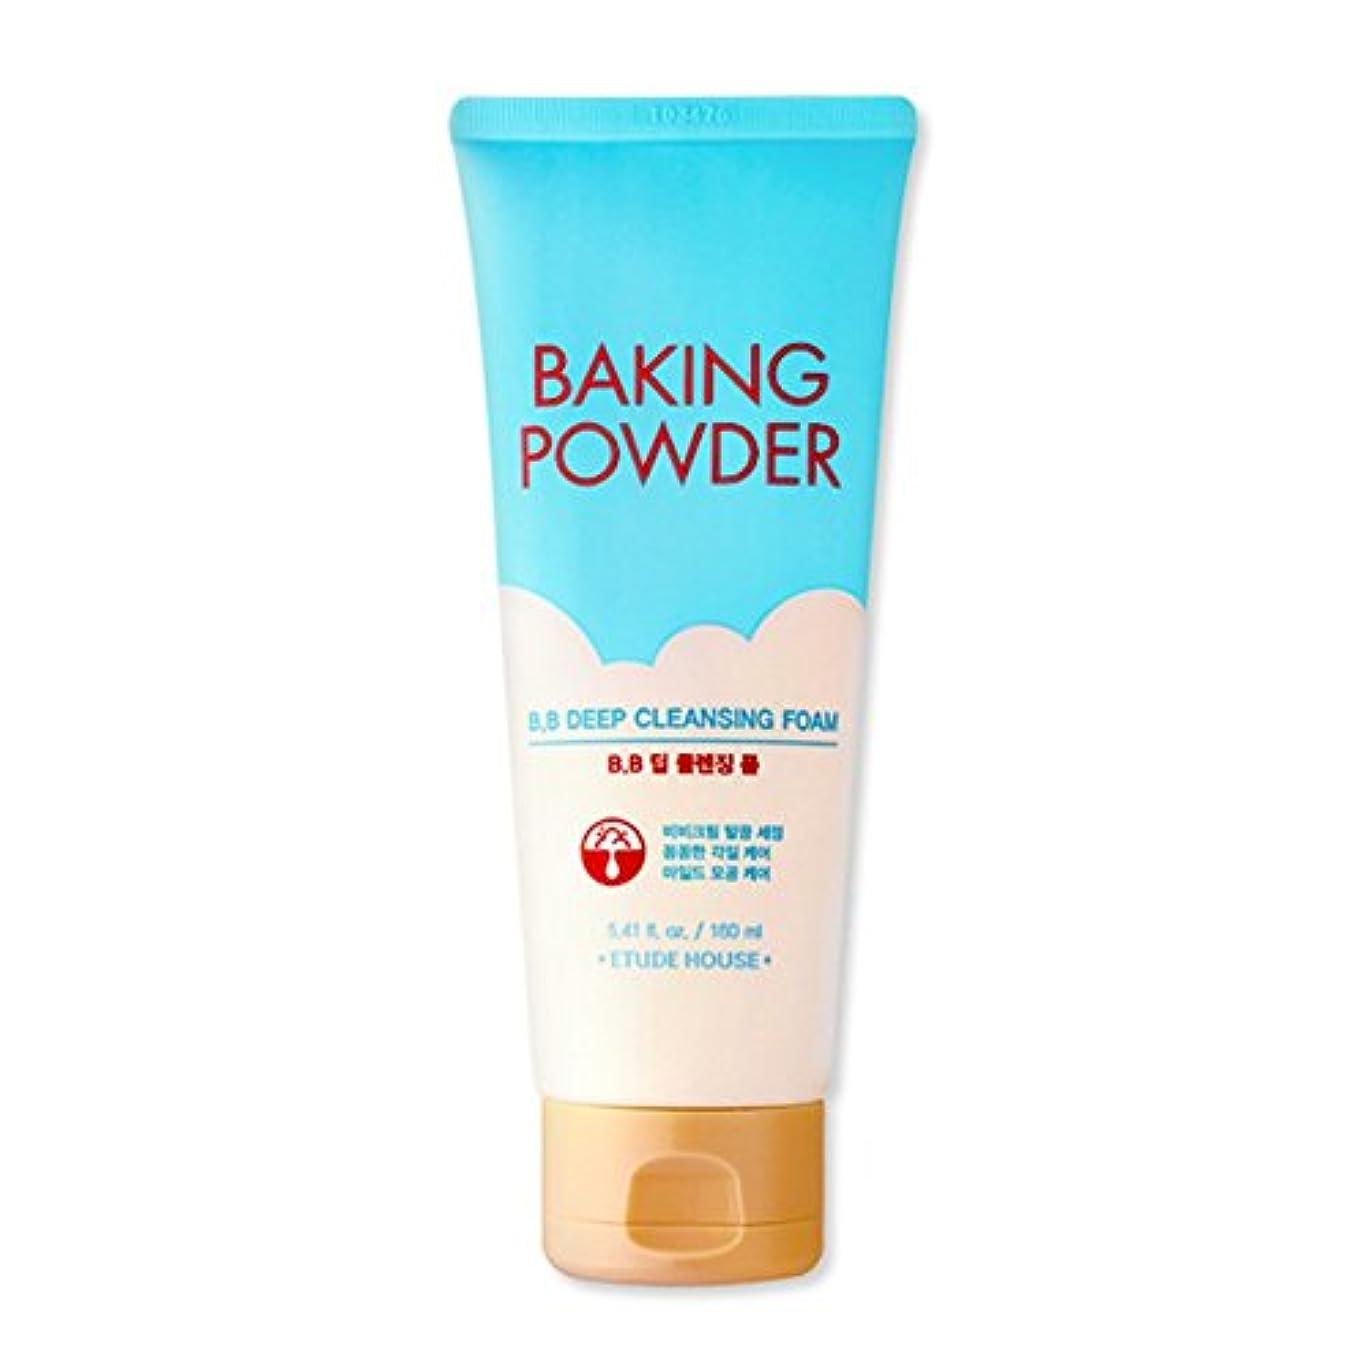 実質的座るひねり[2016 Upgrade!] ETUDE HOUSE Baking Powder B.B Deep Cleansing Foam 160ml/エチュードハウス ベーキング パウダー B.B ディープ クレンジング フォーム...